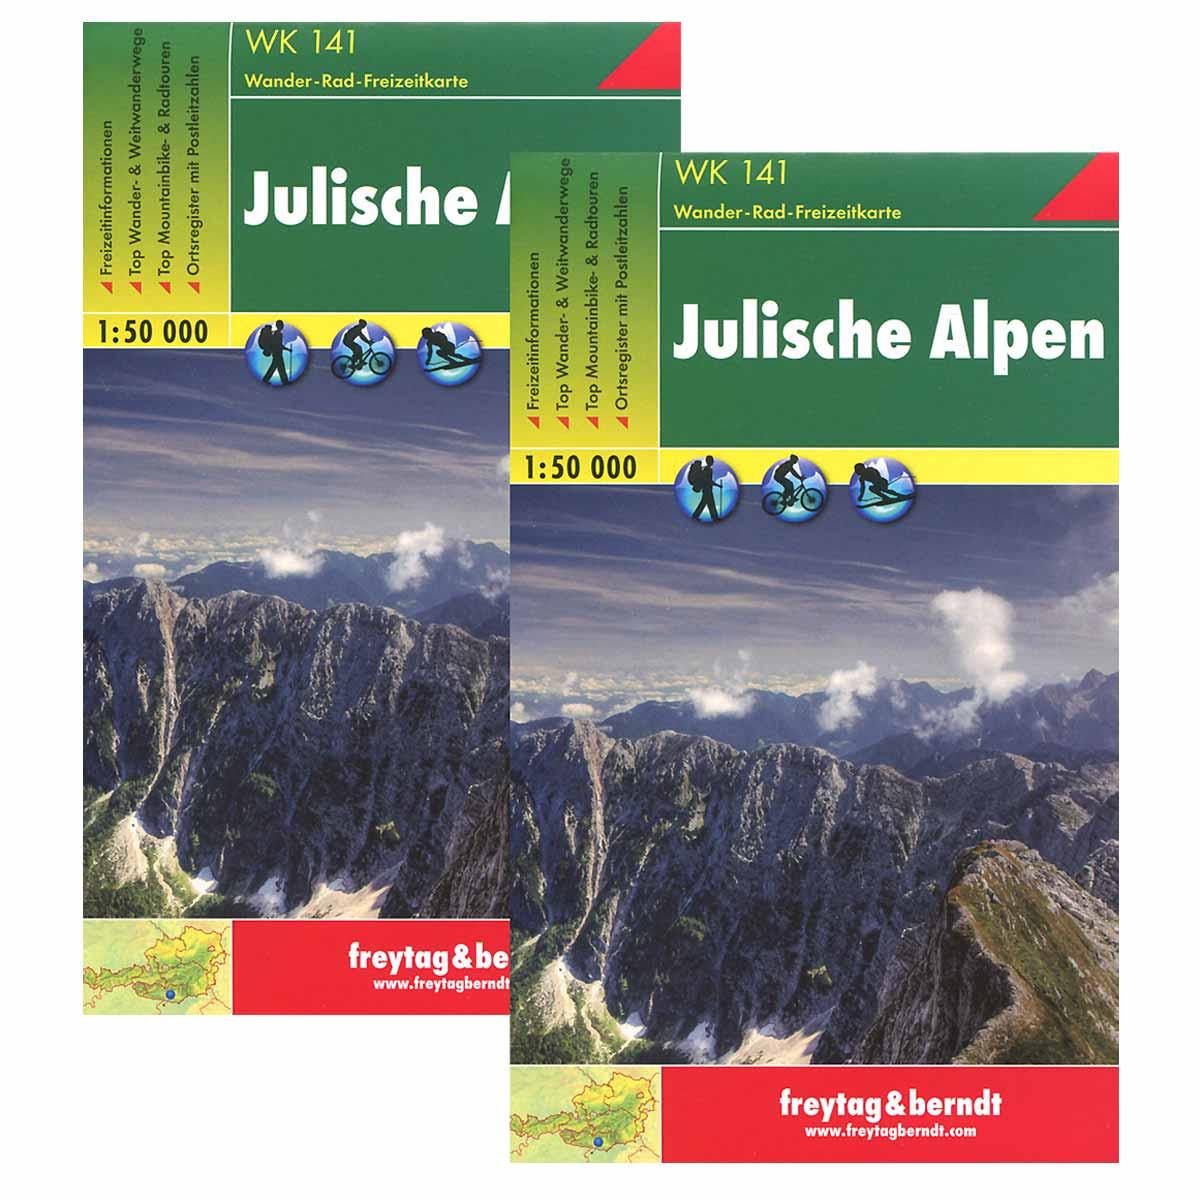 Julische Alpen. Wander-Rad-Freizeitkarte